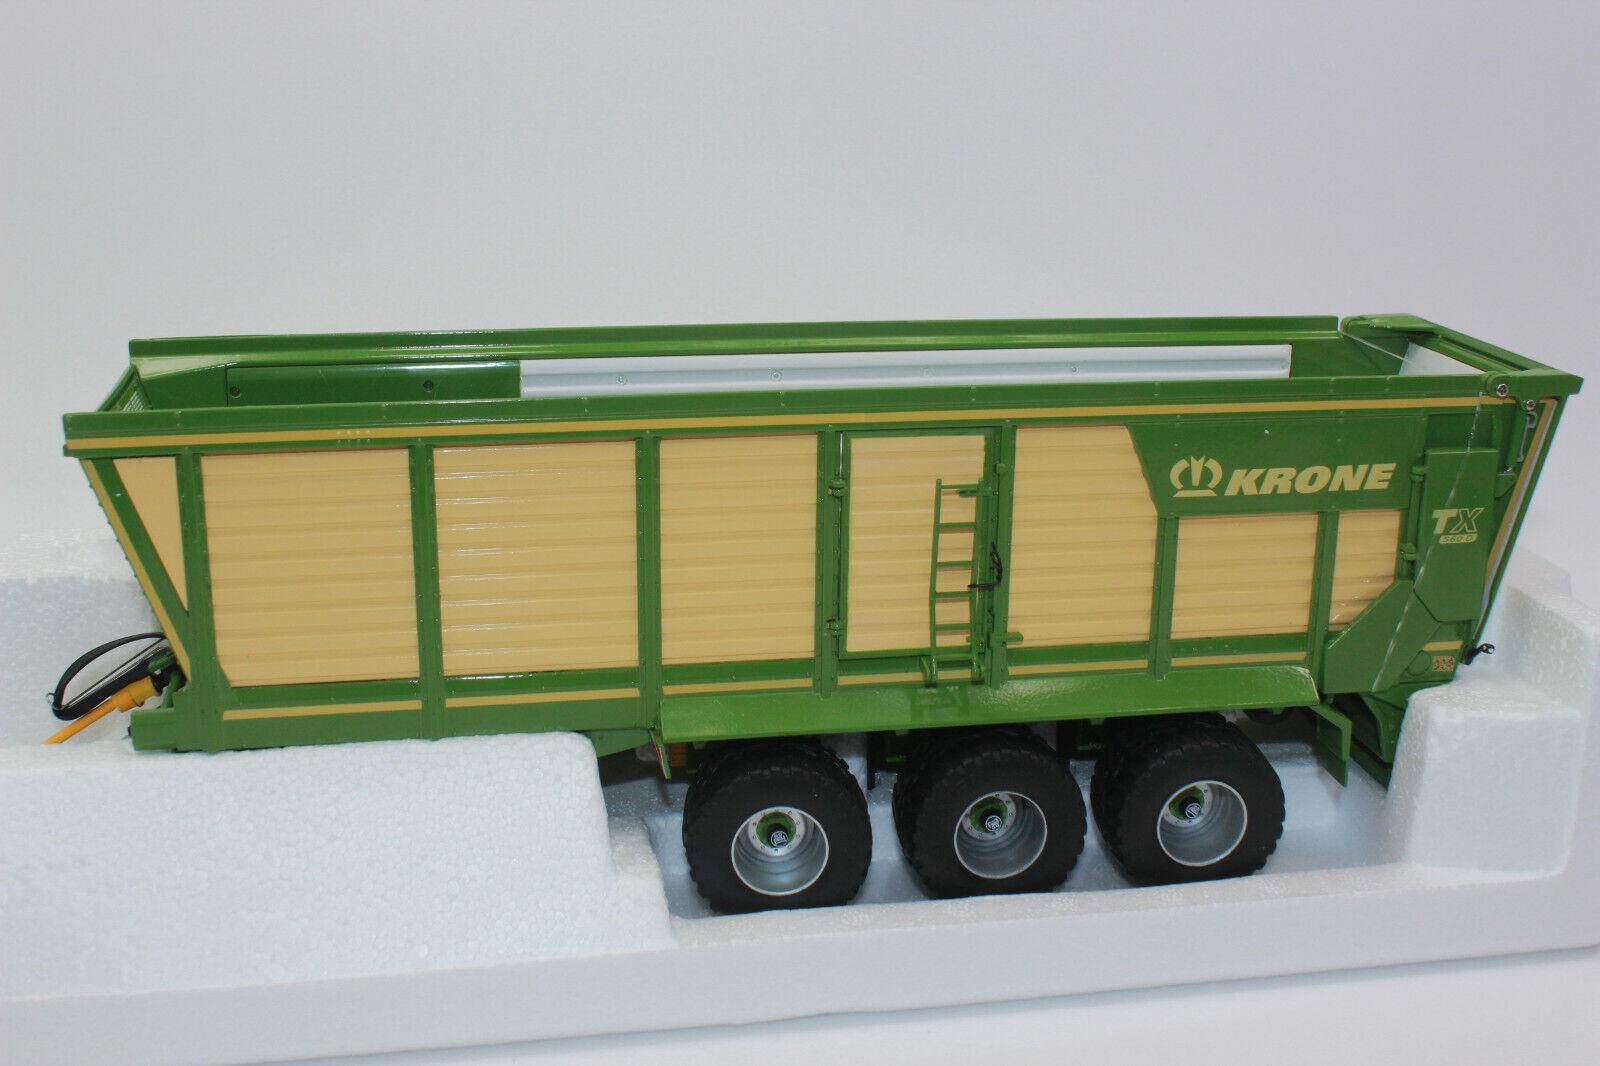 Slae    ROS 601468 corona di carica auto TX 560 1 32 NUOVO IN SCATOLA ORIGINALE    SALE